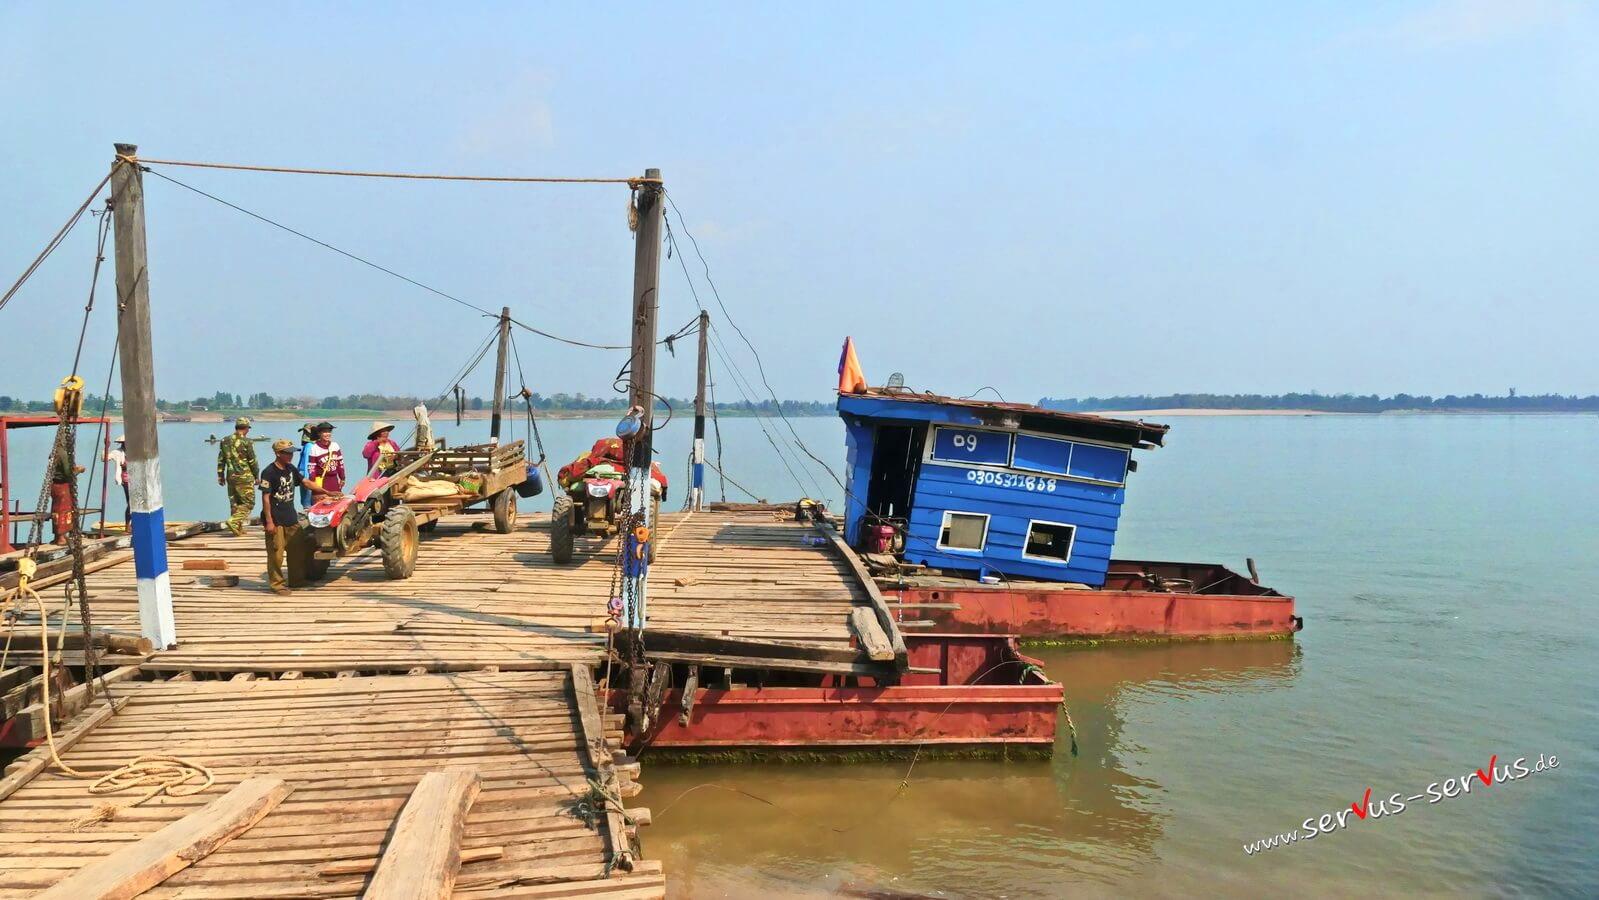 Mekong in Champasak. Laos